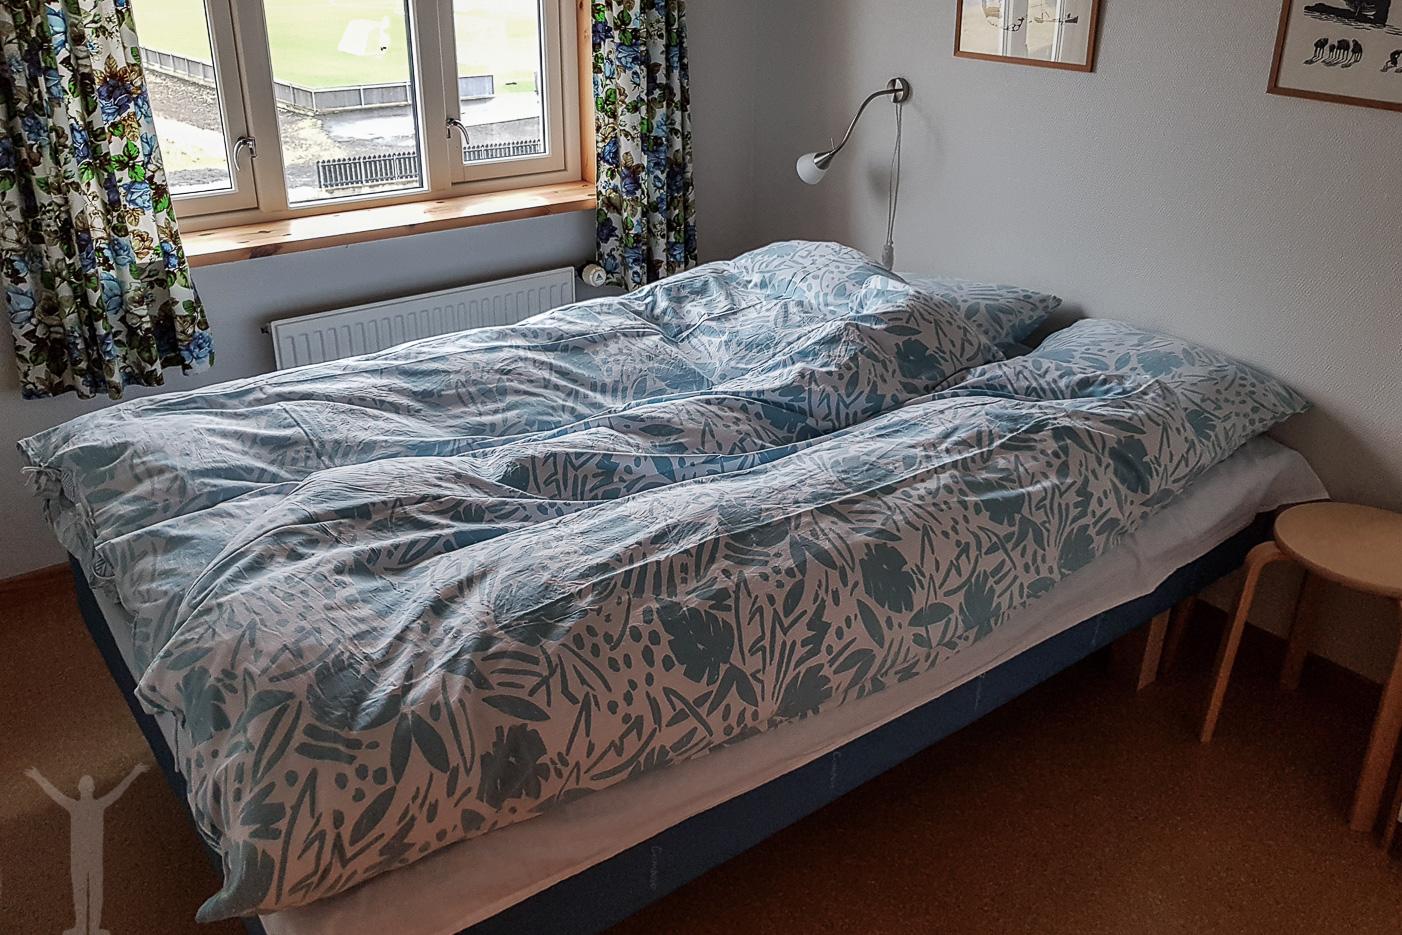 Ena sovrummet